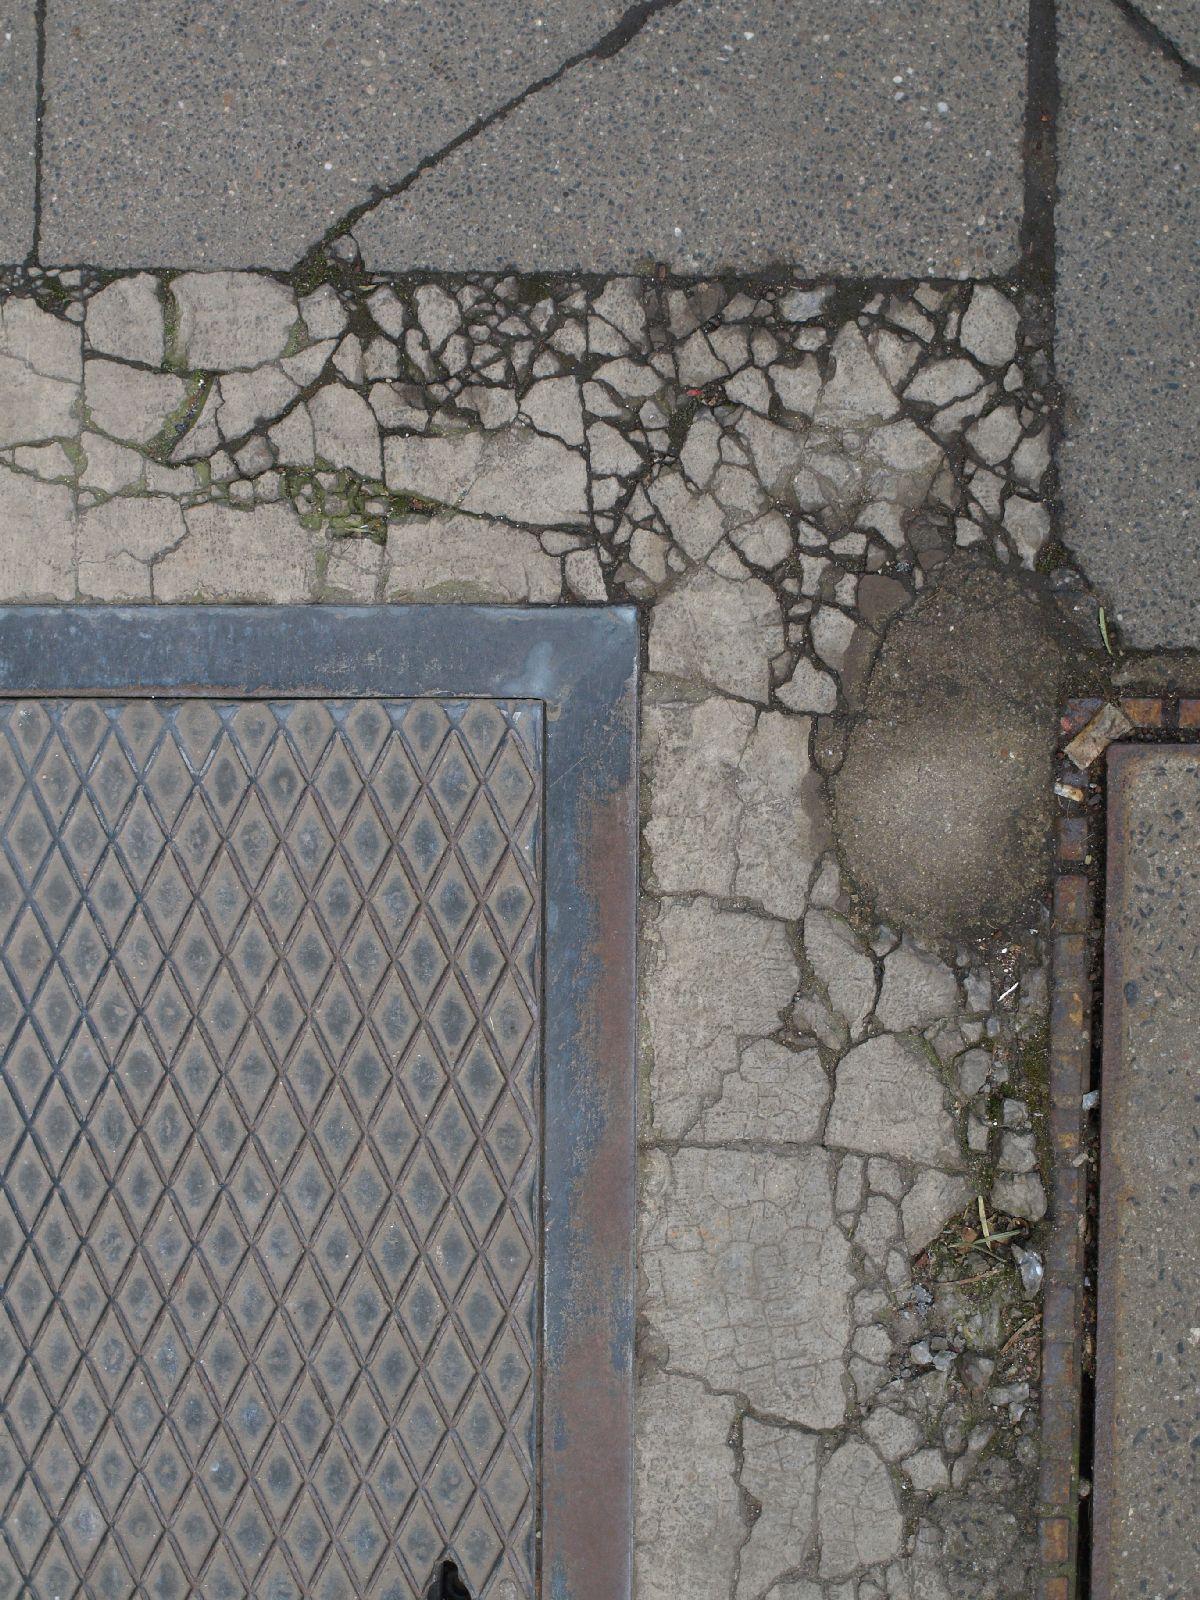 Ground-Urban_Texture_A_P1179351